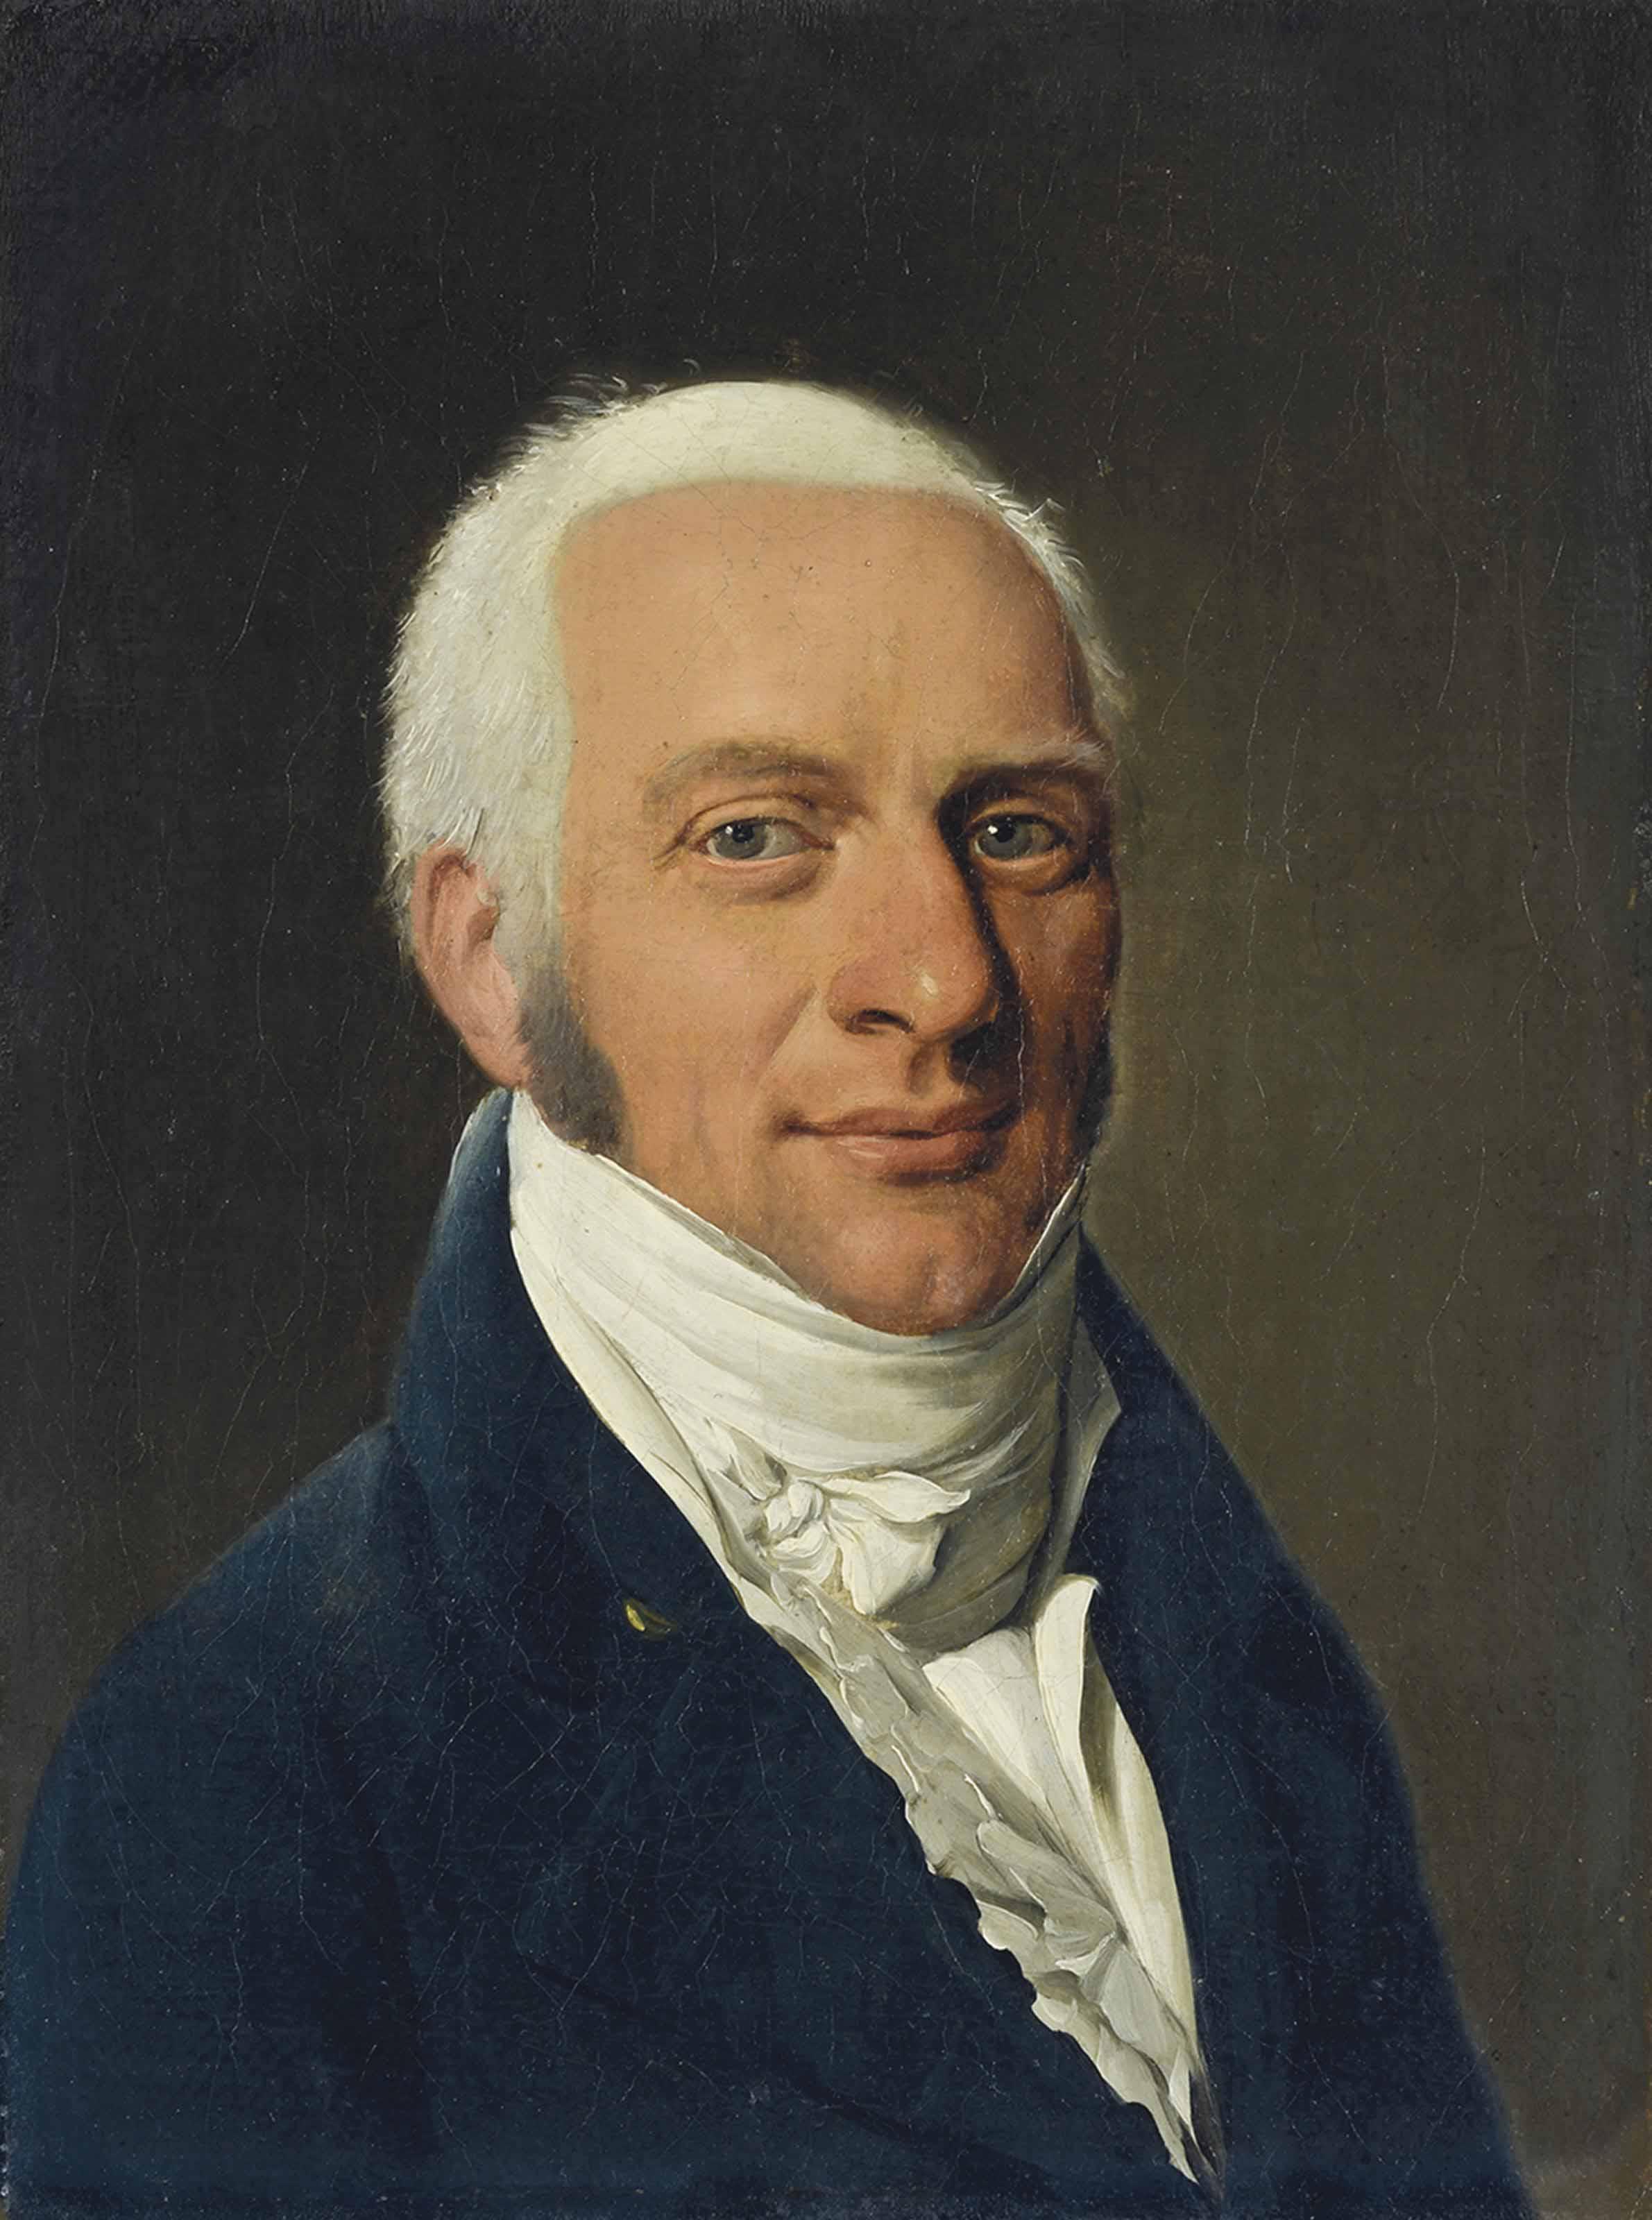 Portrait du comte Louis-Charles de Sainte-Aldegonde